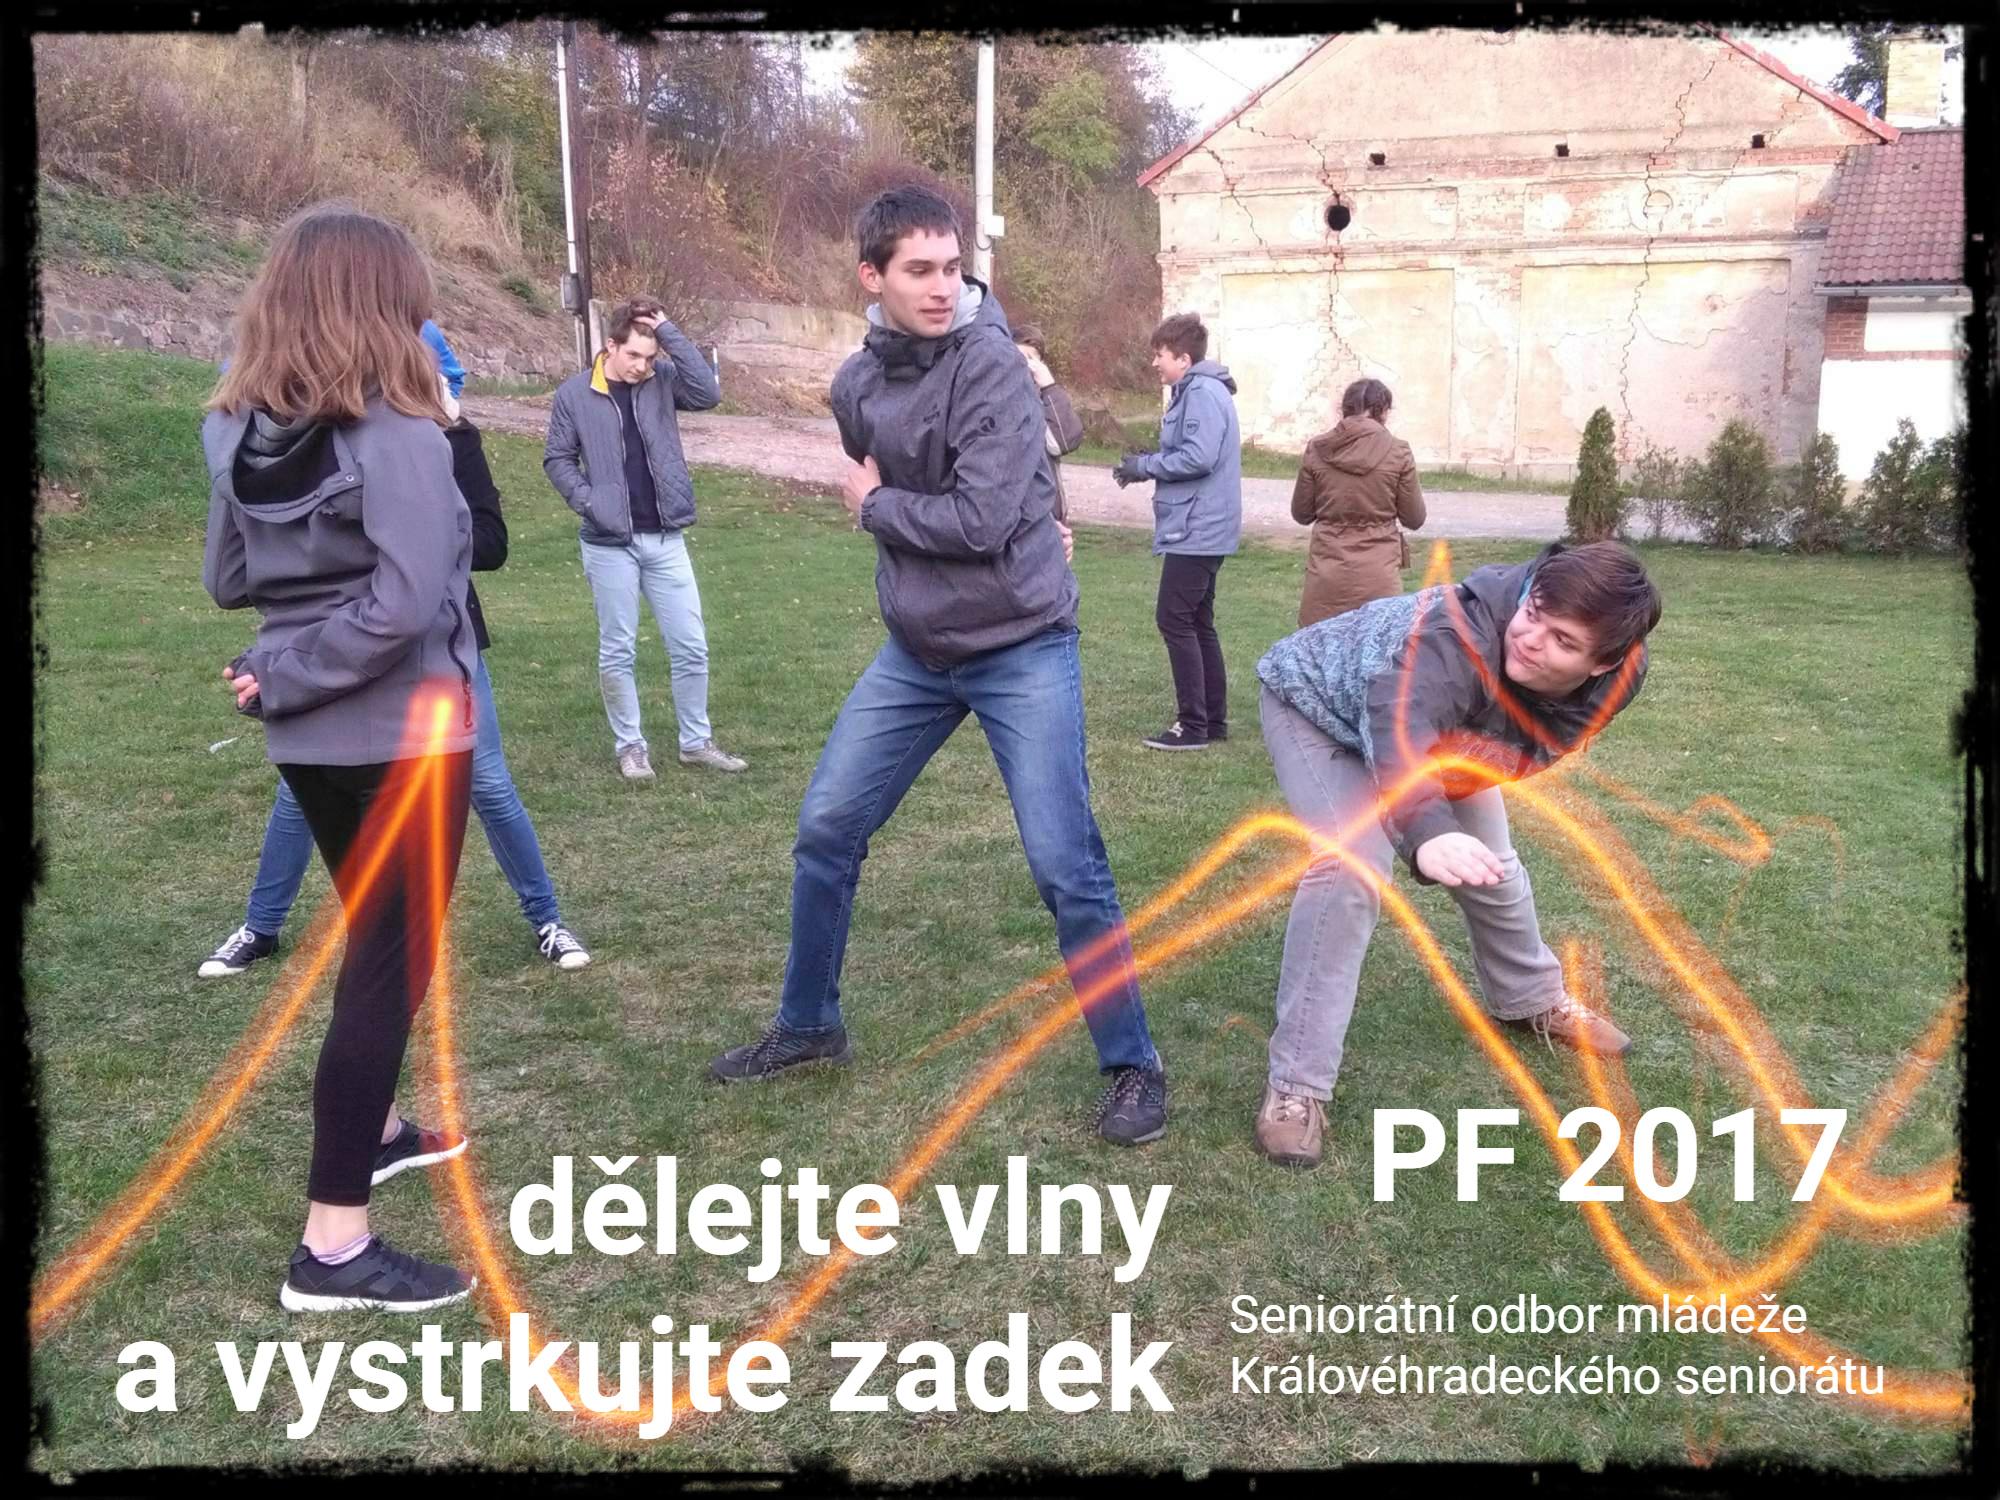 mladez_pf2017